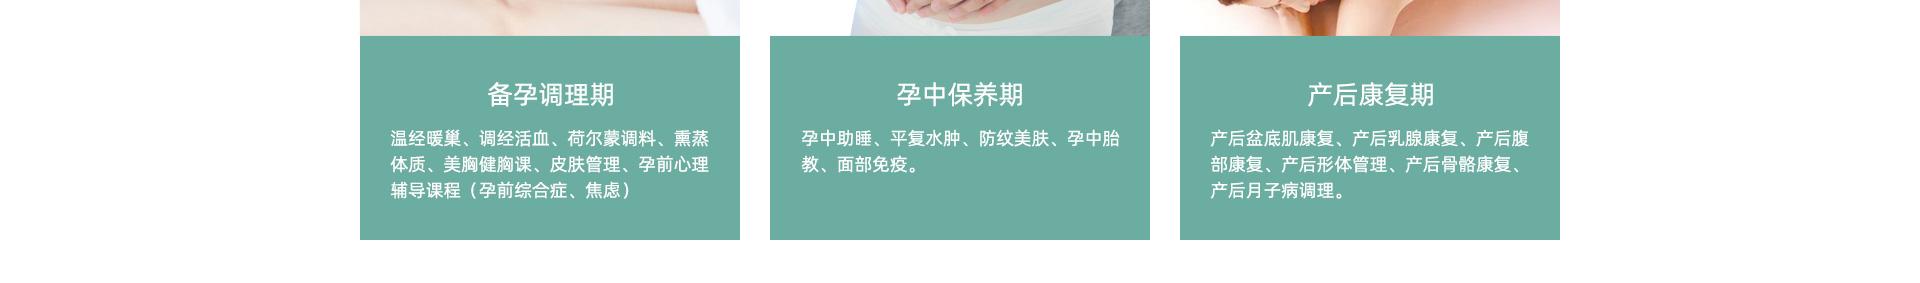 蘭馨美孕产后复龄中心详情页_09